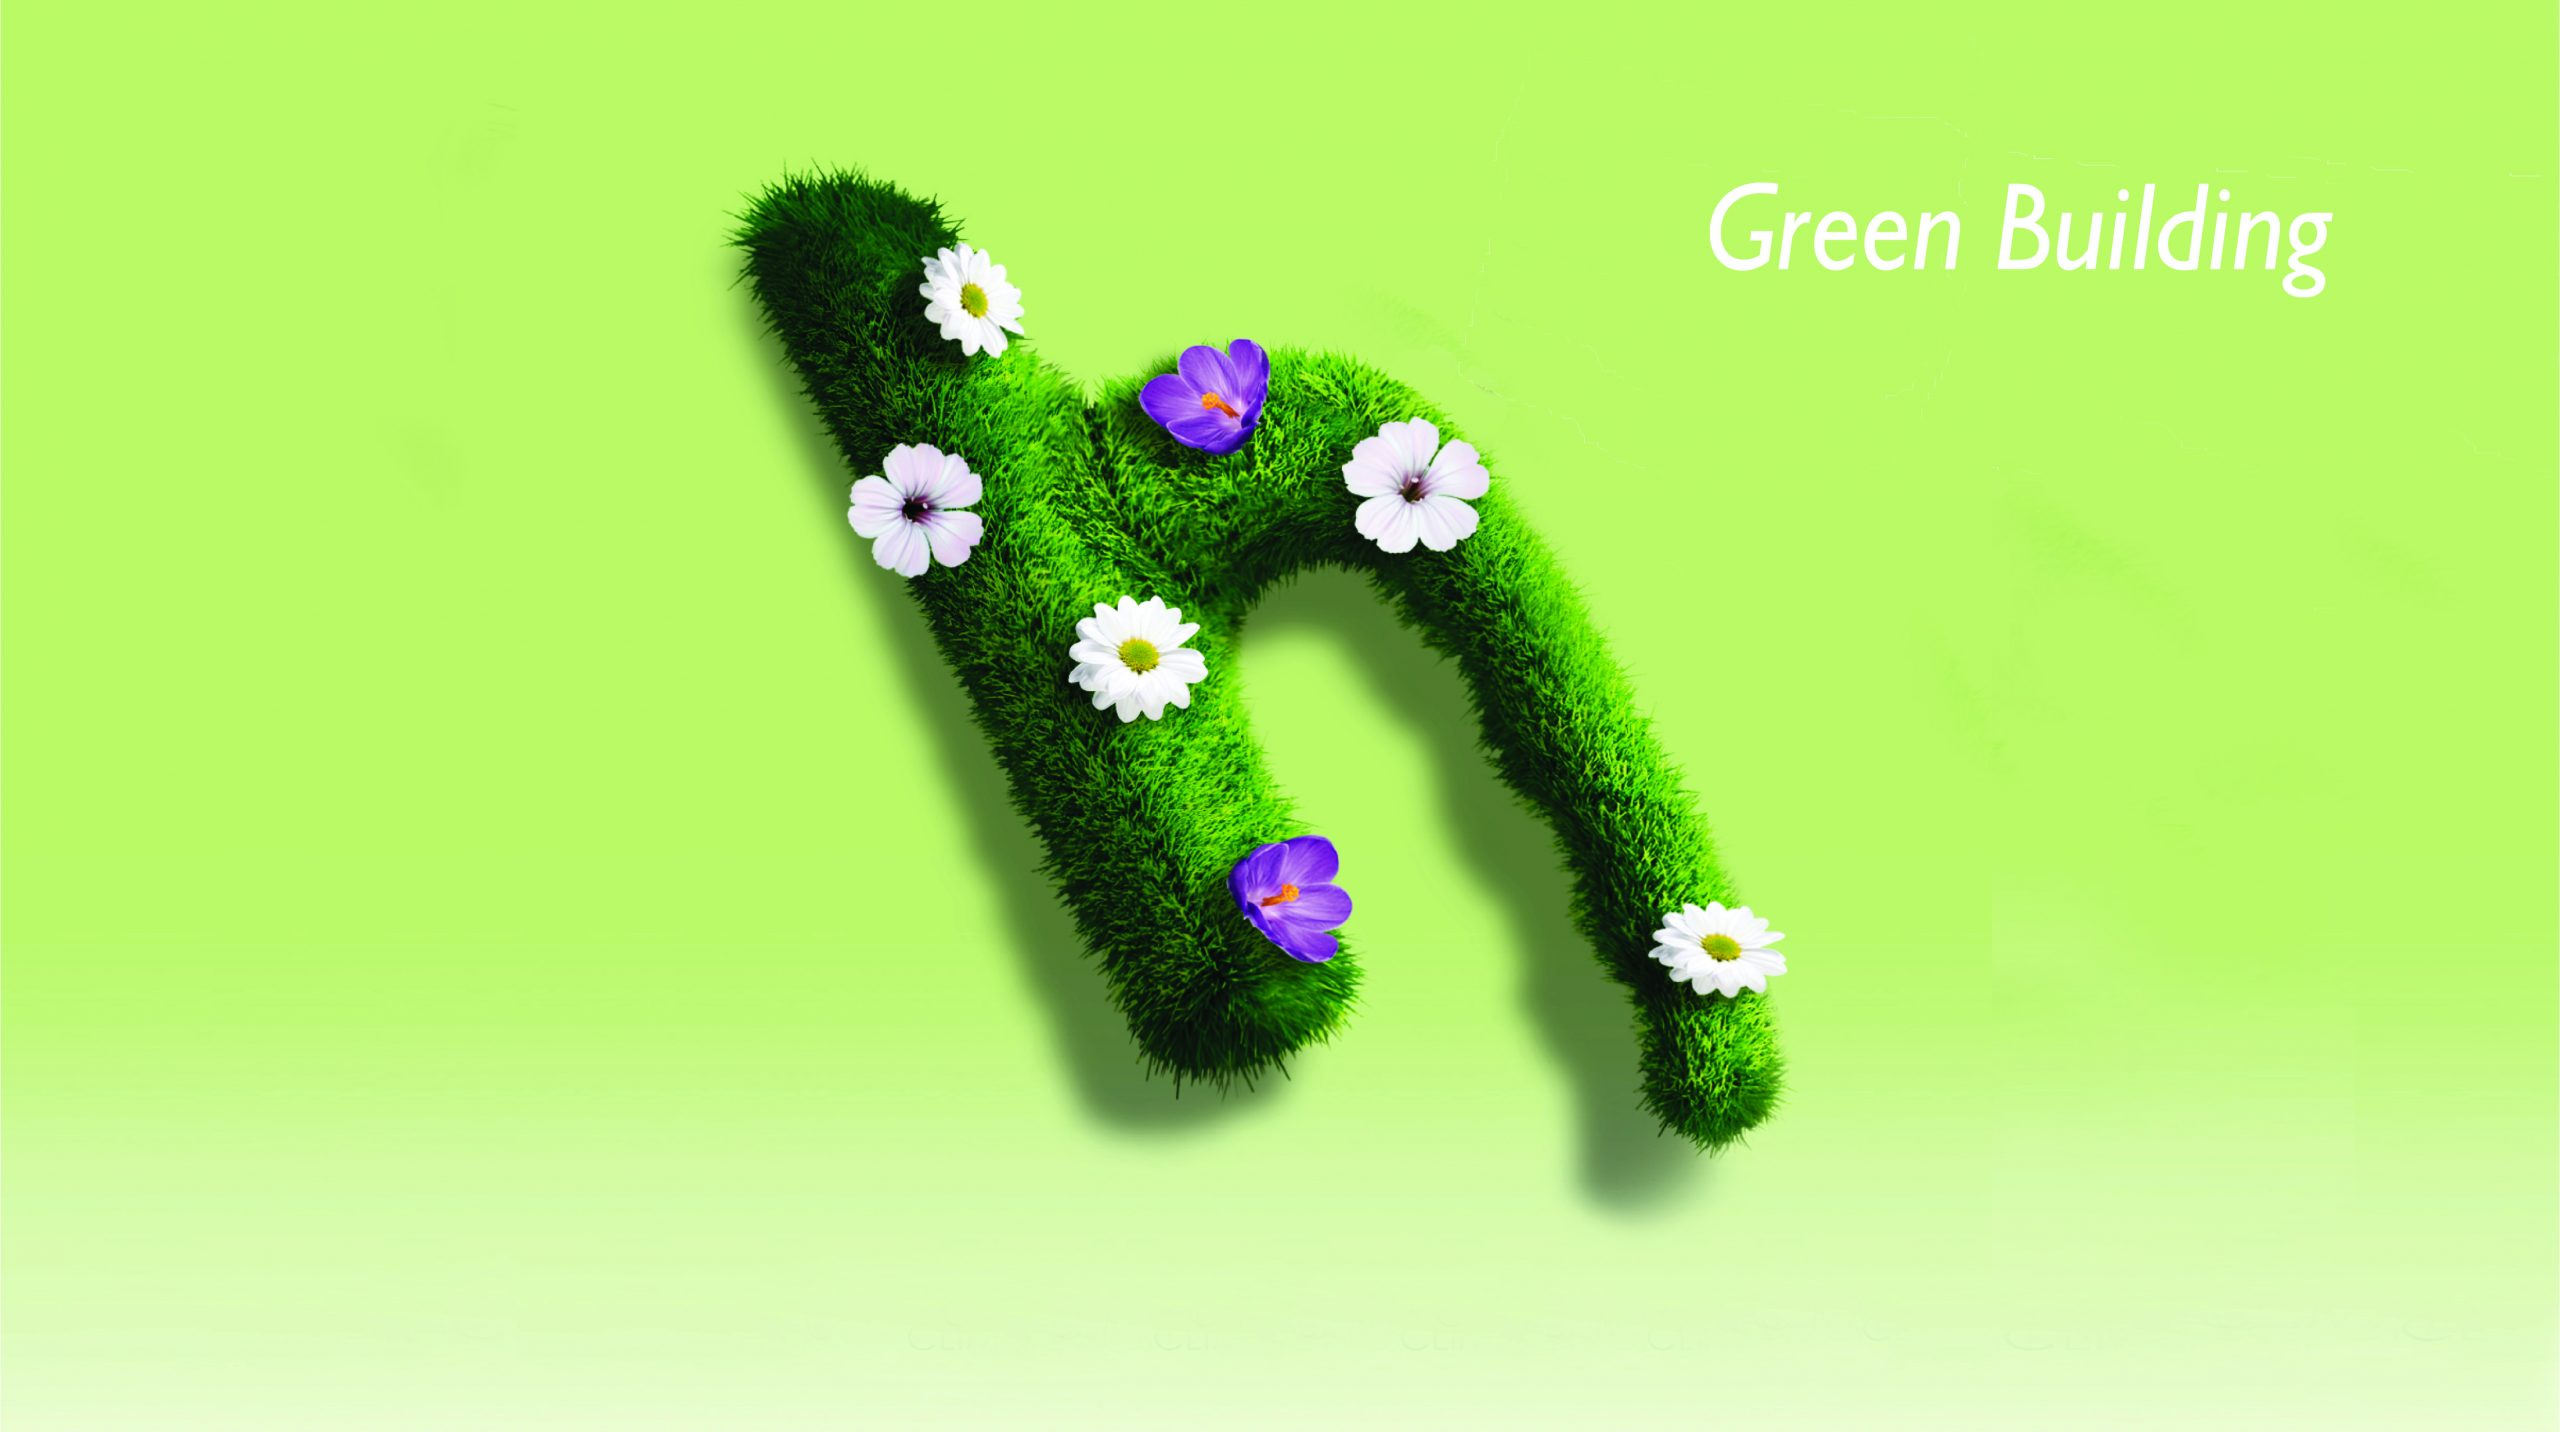 אלומיניום - בנייה ירוקה - נתק תרמי